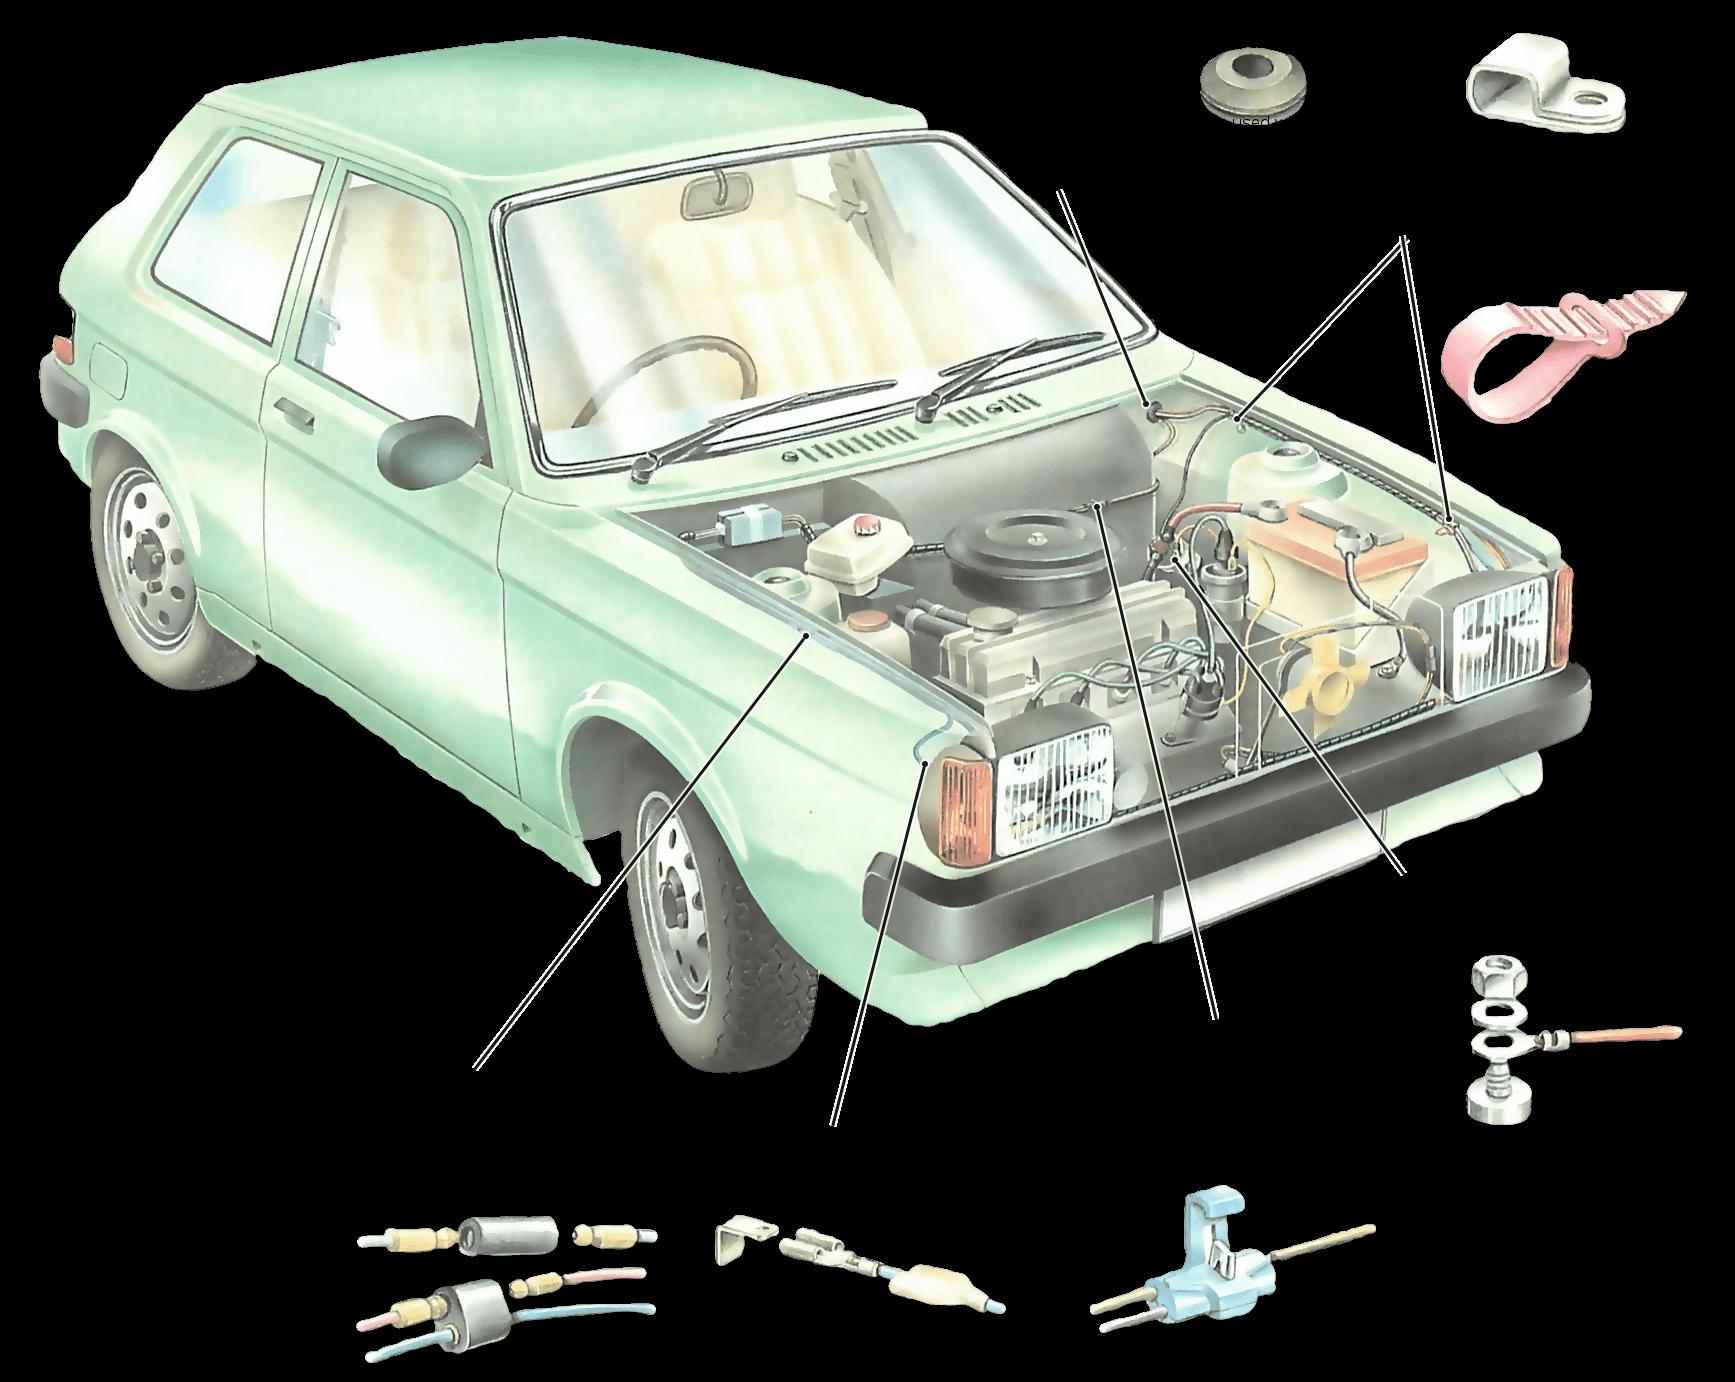 汽车连接器接插件由哪些基本结构组件组成?